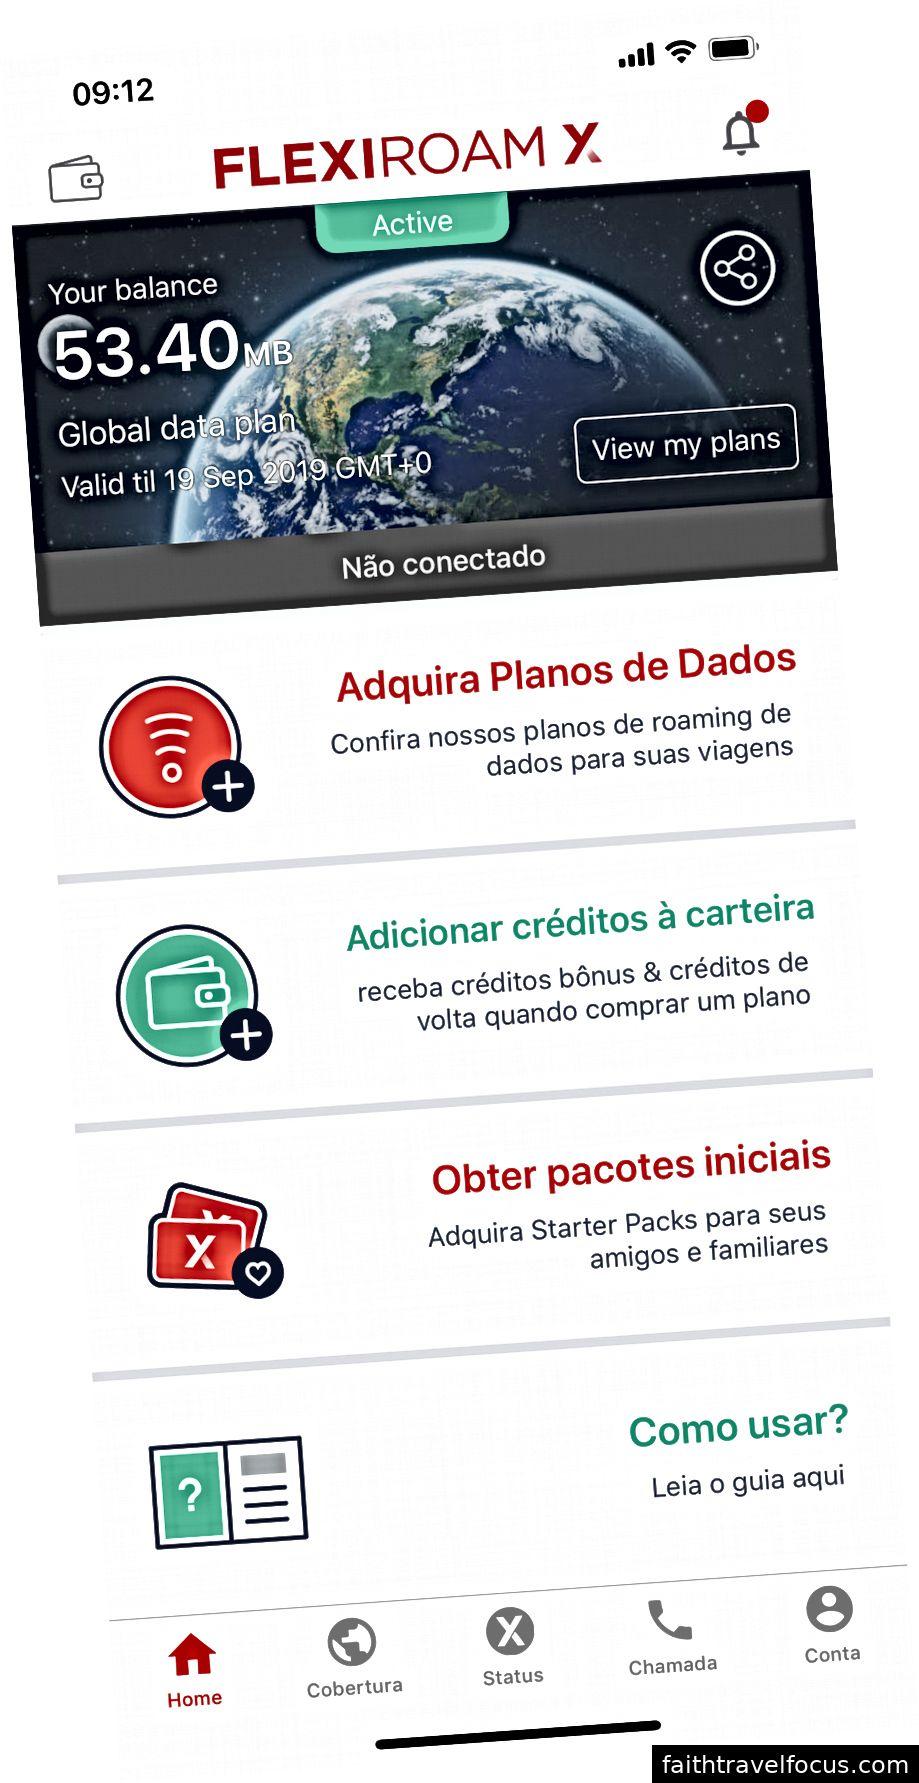 İPhone XS Max'ta çalışan Flexiroam X uygulaması